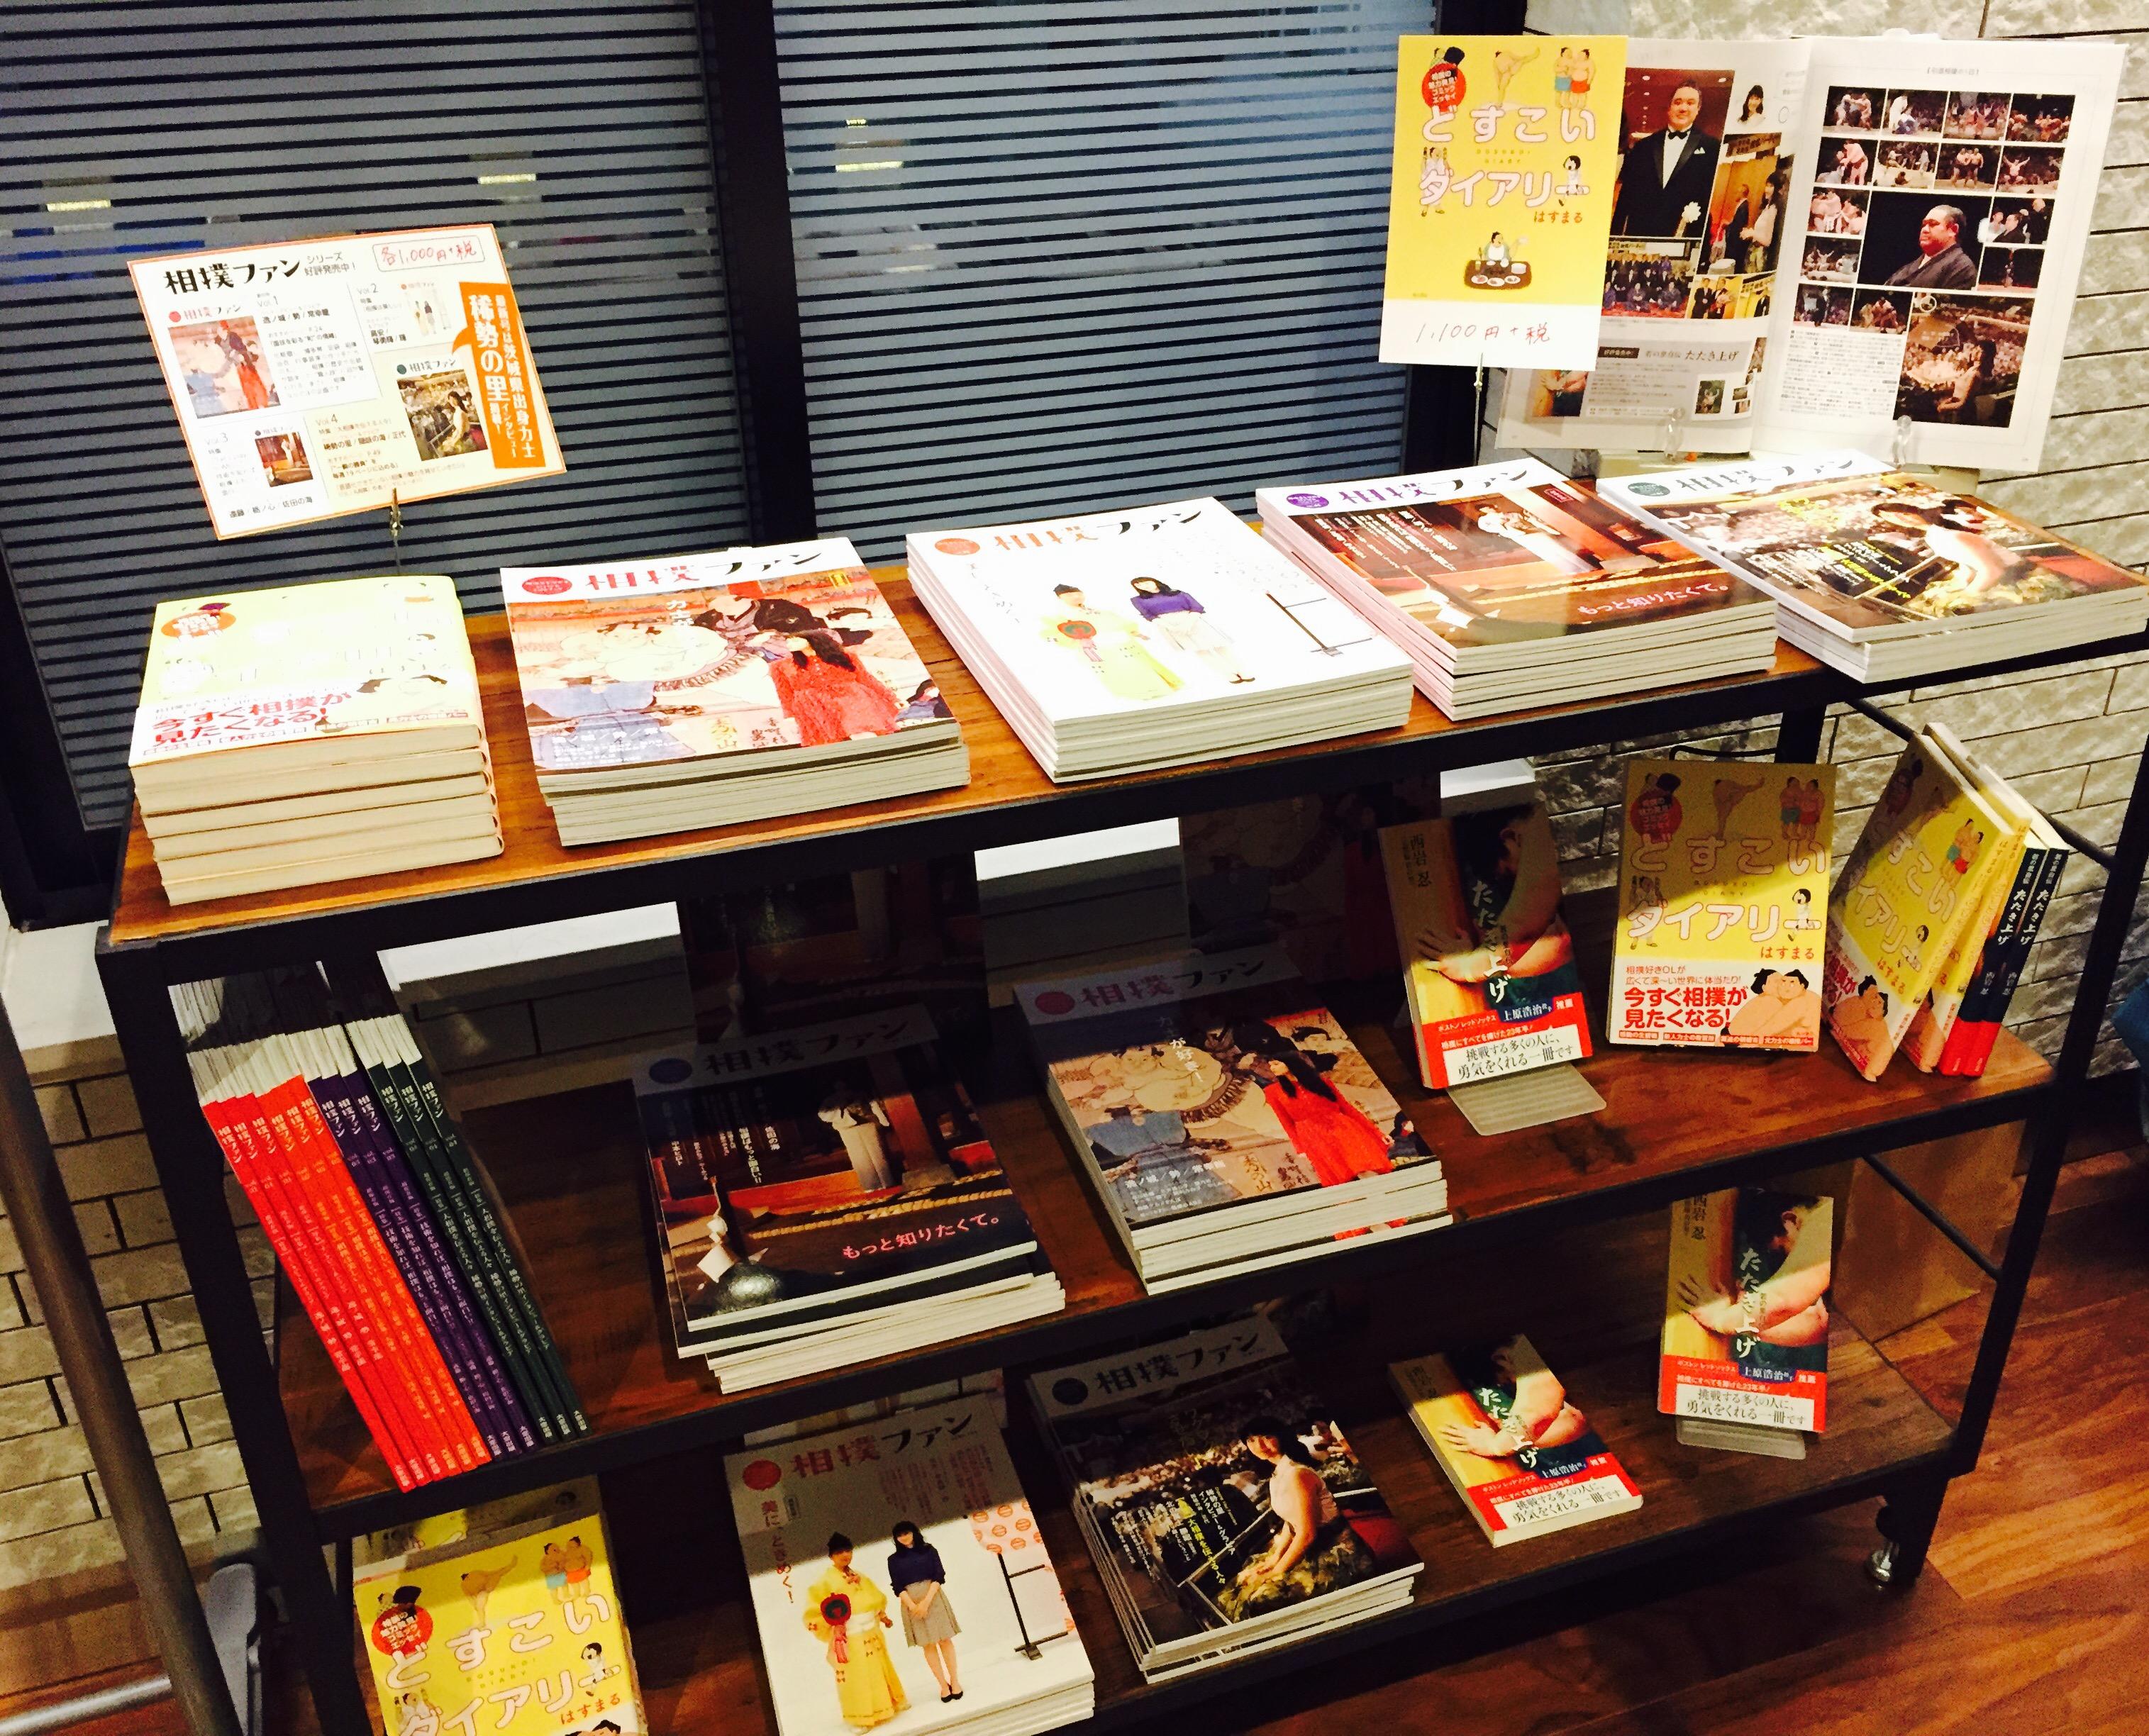 2/3の「豆まかナイト」にて書籍販売を行いました